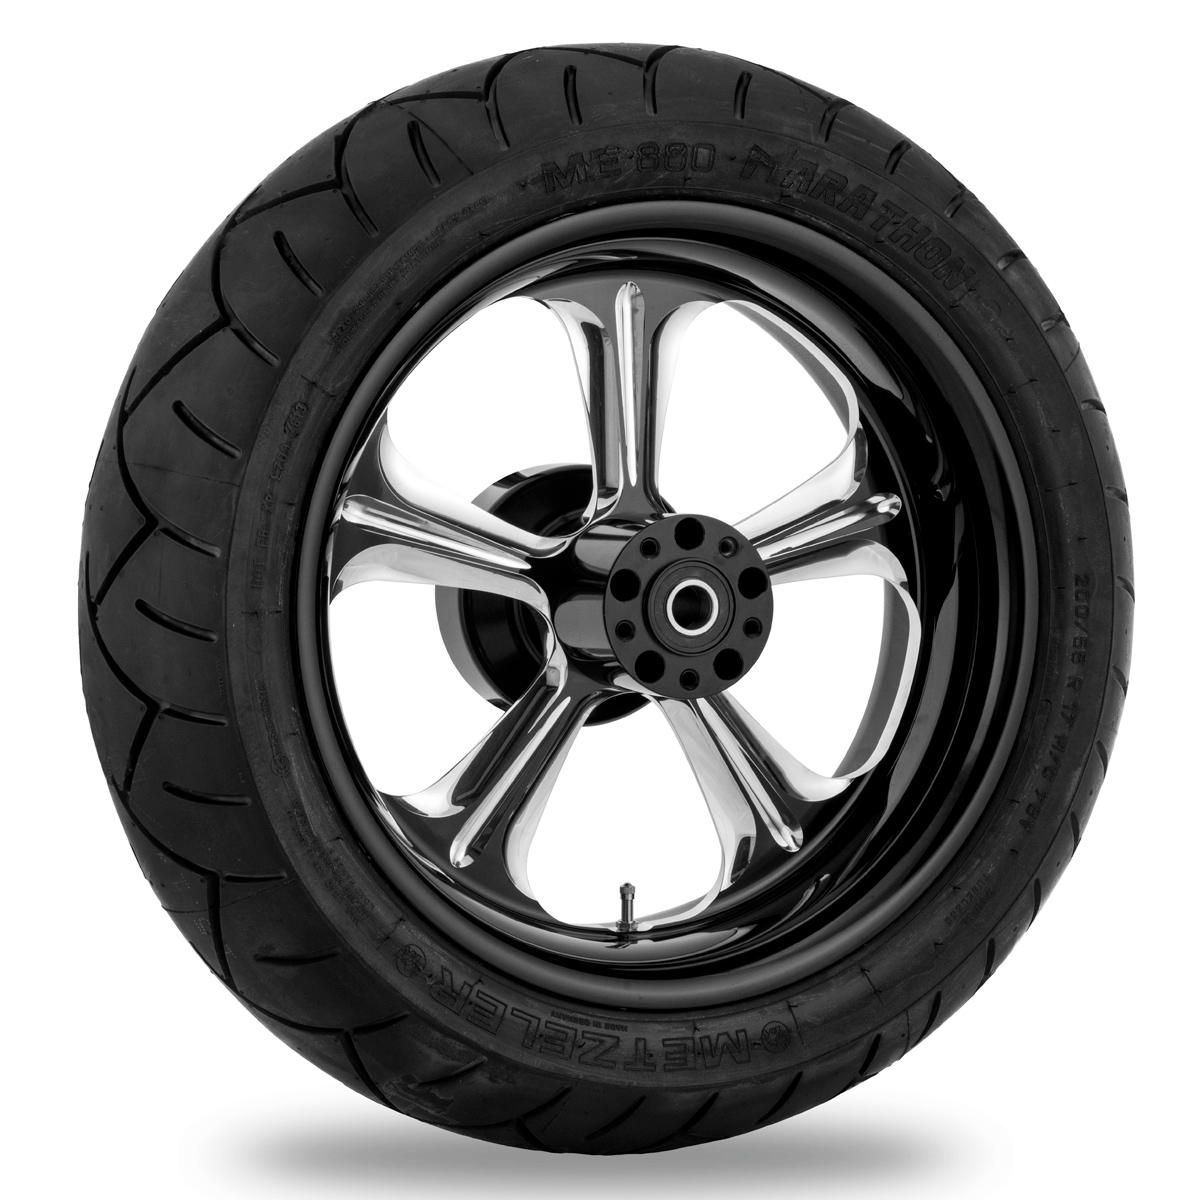 Performance Machine Wrath Platinum Cut Rear Wheel 18x3.5 Non-ABS